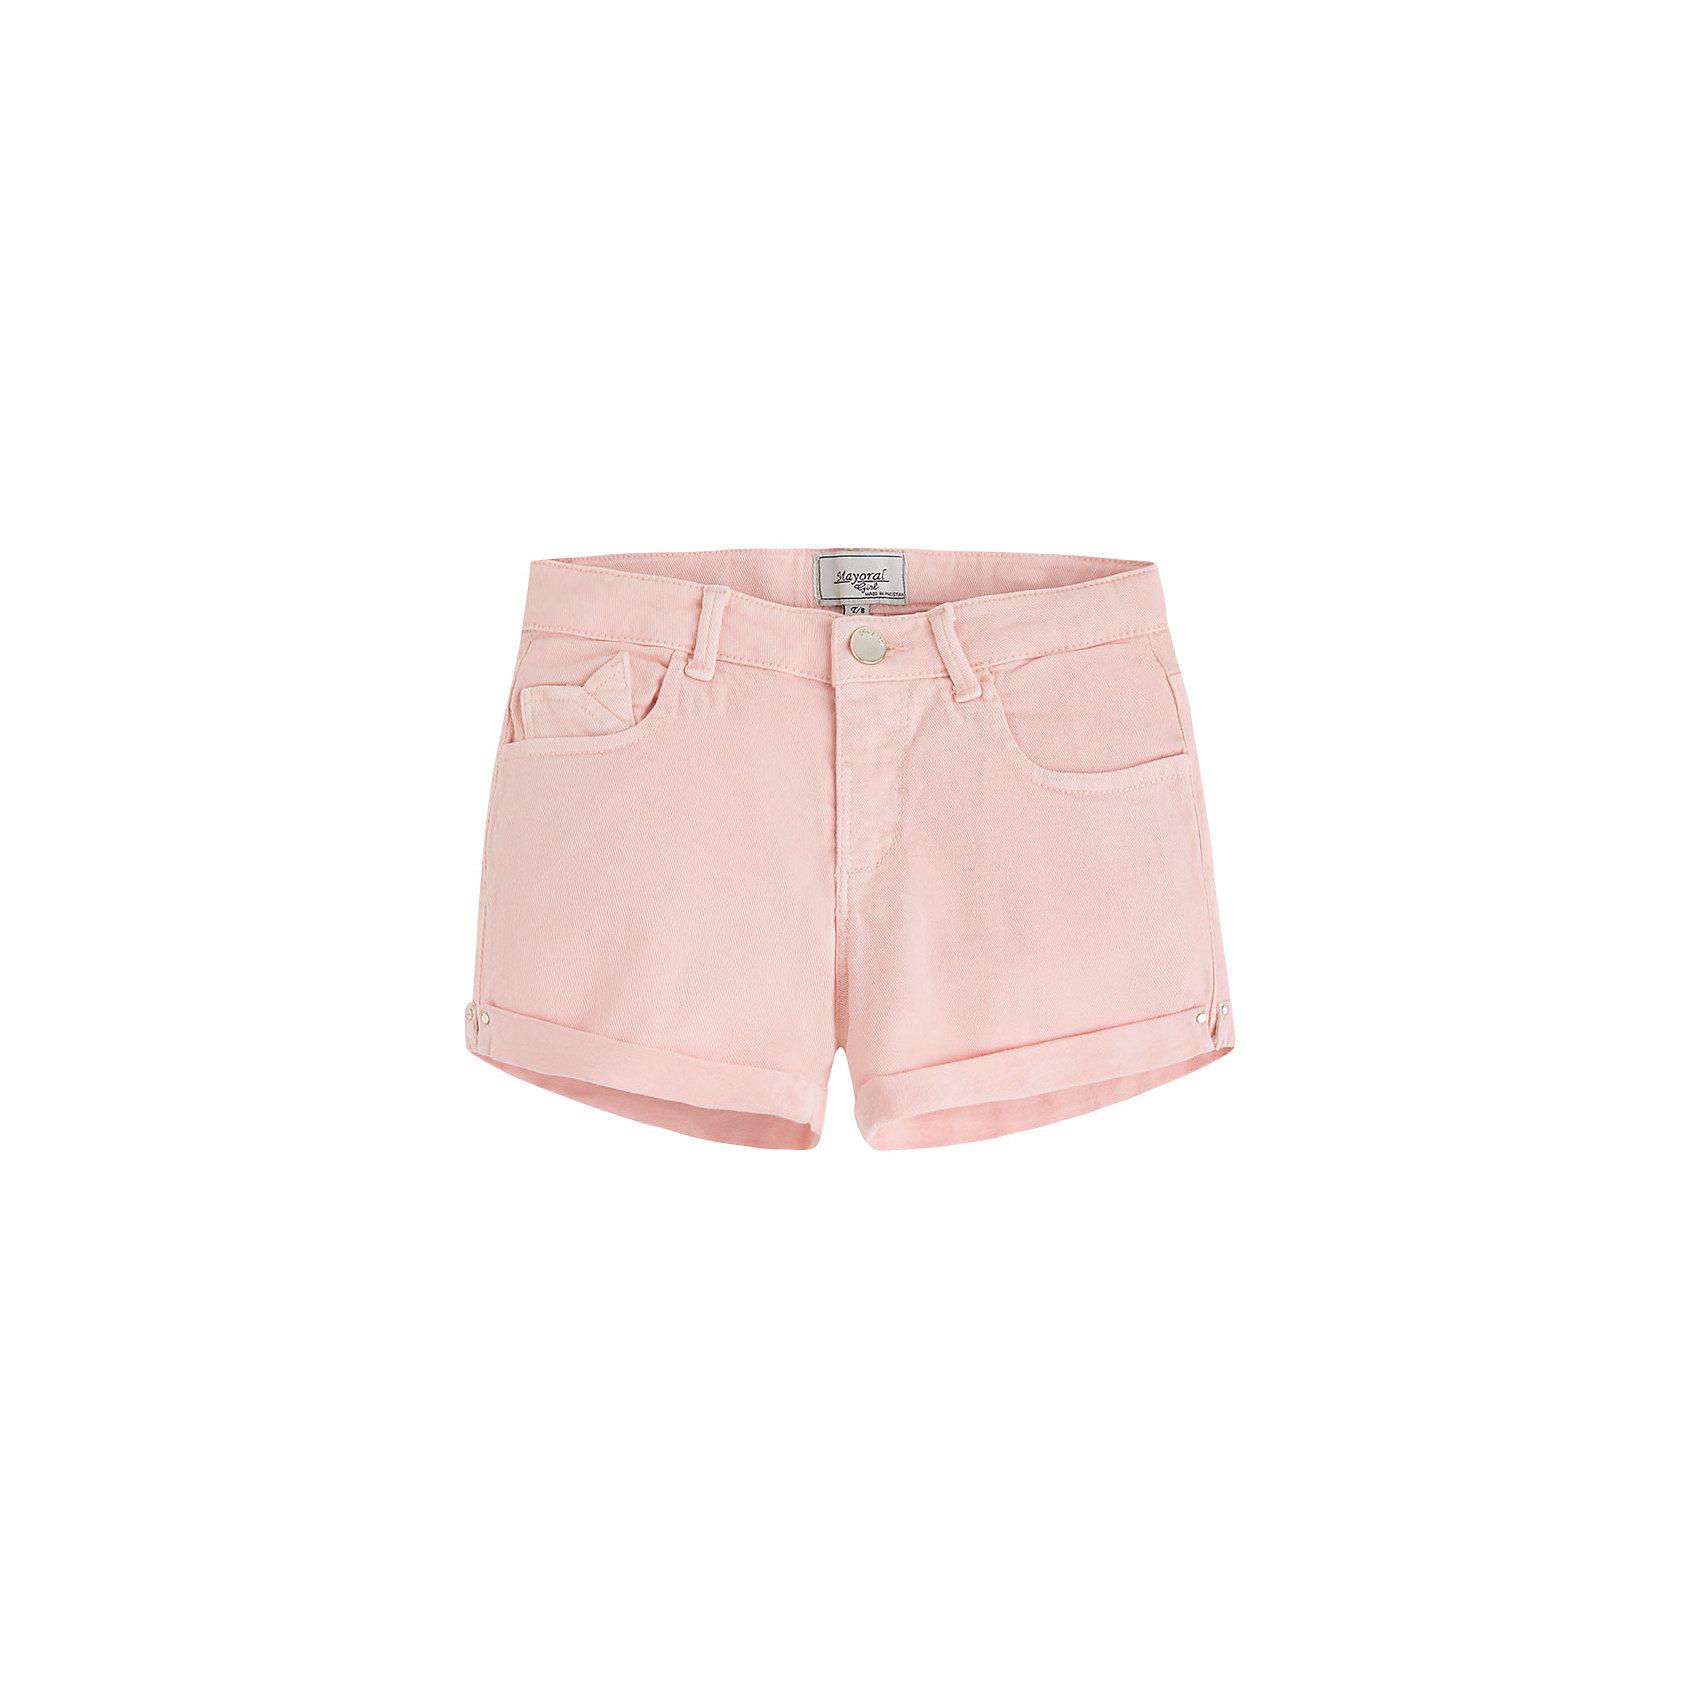 Шорты для девочки MayoralШорты для девочки от известной испанской марки Mayoral - прекрасный вариант для летнего гардероба юной модницы.<br><br>Дополнительная информация:<br><br>- Приятная к телу ткань.<br>- Застегиваются на молнию и пуговицу.<br>- 5 карманов.<br>- С отворотами. <br>- Регулируются на талии. <br>- Состав: 98% хлопок, 2% эластан.<br><br>Шорты для девочки Mayoral (Майорал) можно купить в нашем магазине.<br><br>Ширина мм: 191<br>Глубина мм: 10<br>Высота мм: 175<br>Вес г: 273<br>Цвет: бежевый<br>Возраст от месяцев: 108<br>Возраст до месяцев: 120<br>Пол: Женский<br>Возраст: Детский<br>Размер: 140,128,158,164,170,152<br>SKU: 4537509